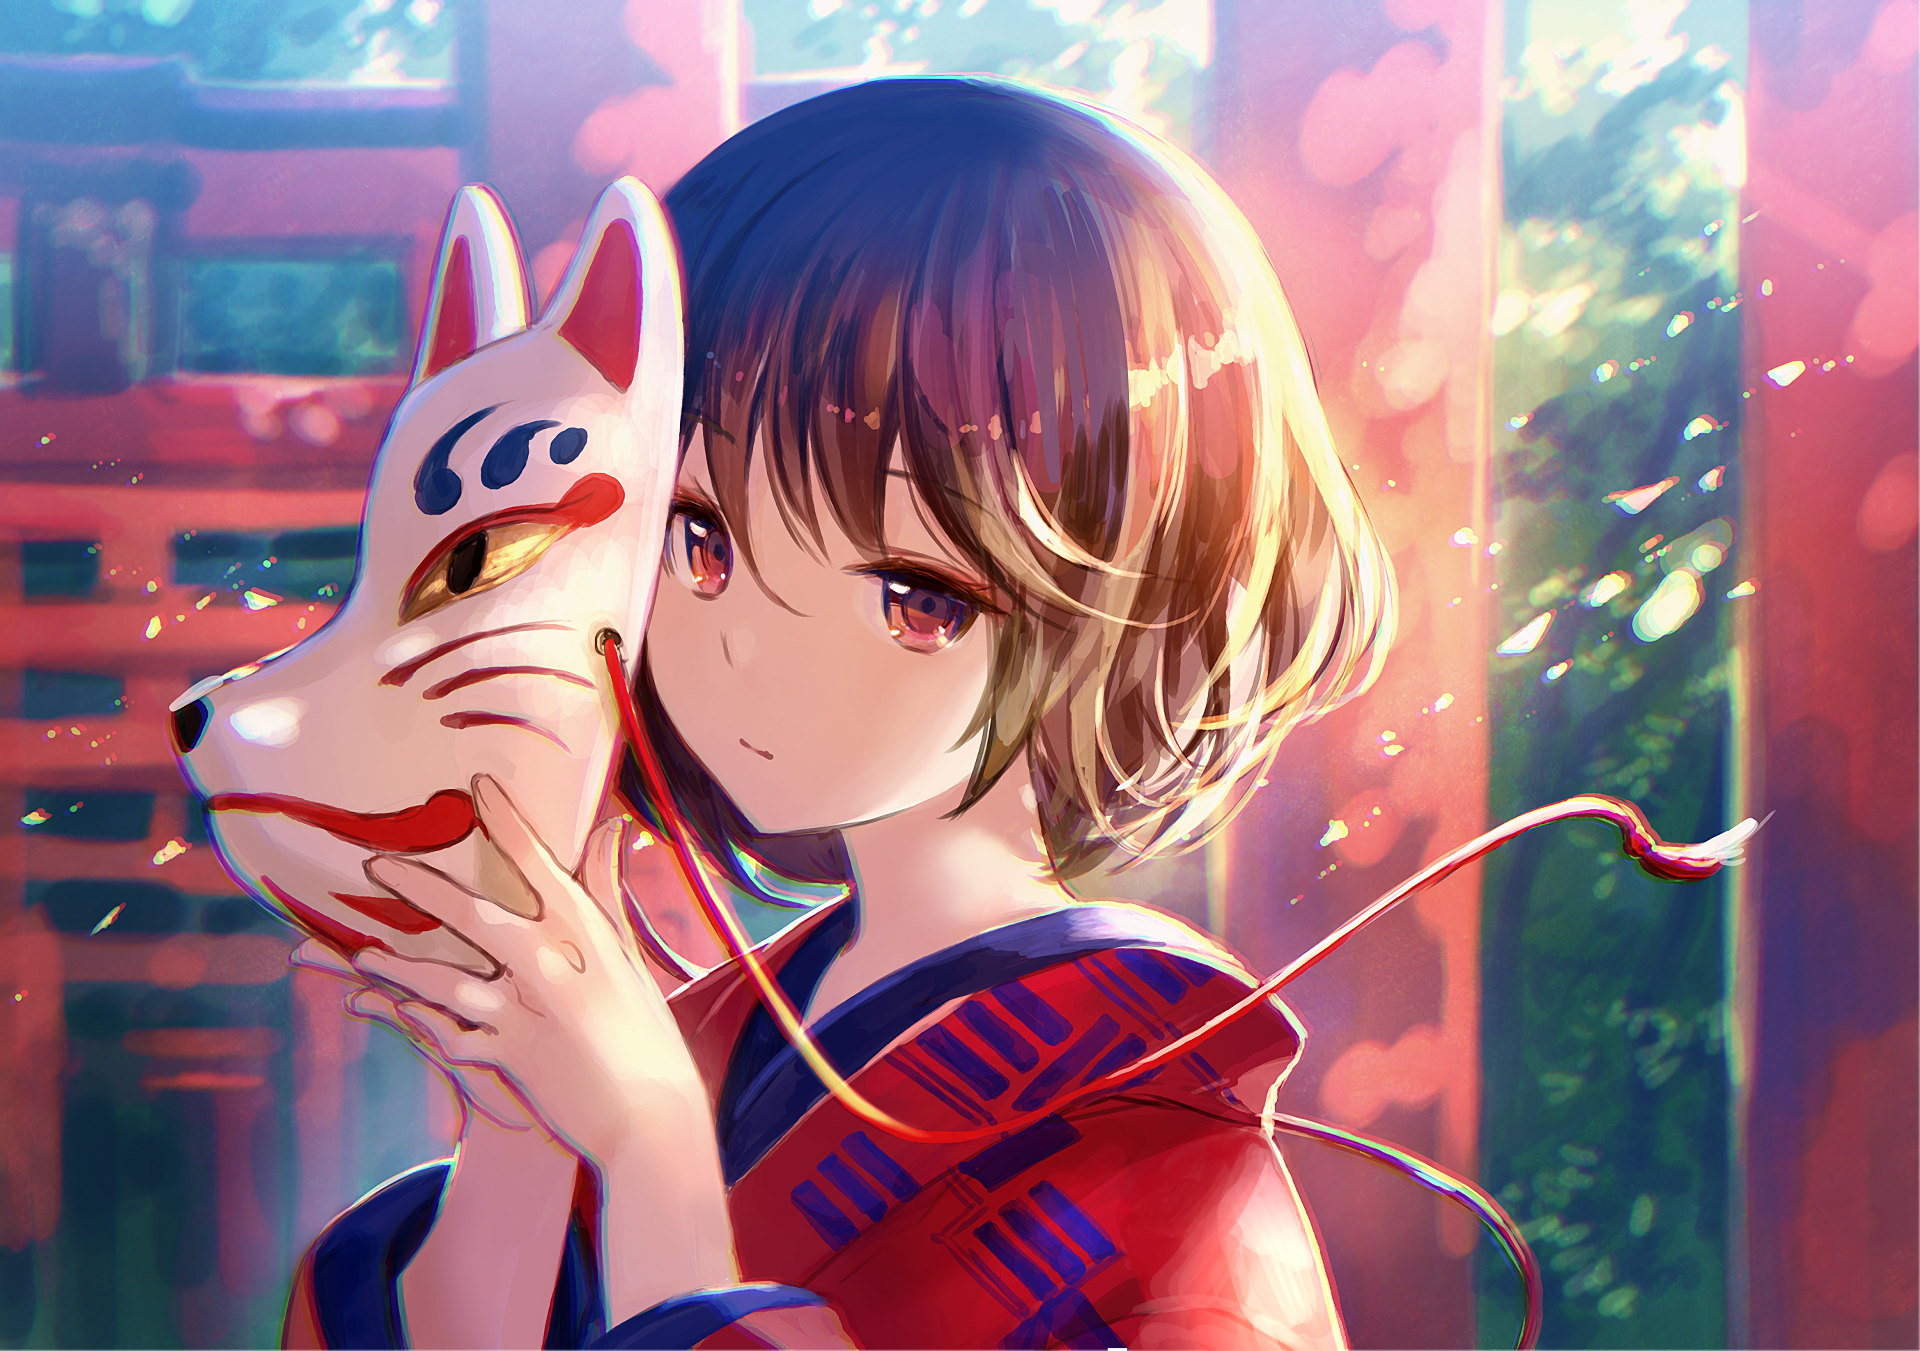 Anime - Original  Garota Original (Anime) Máscara Papel de Parede